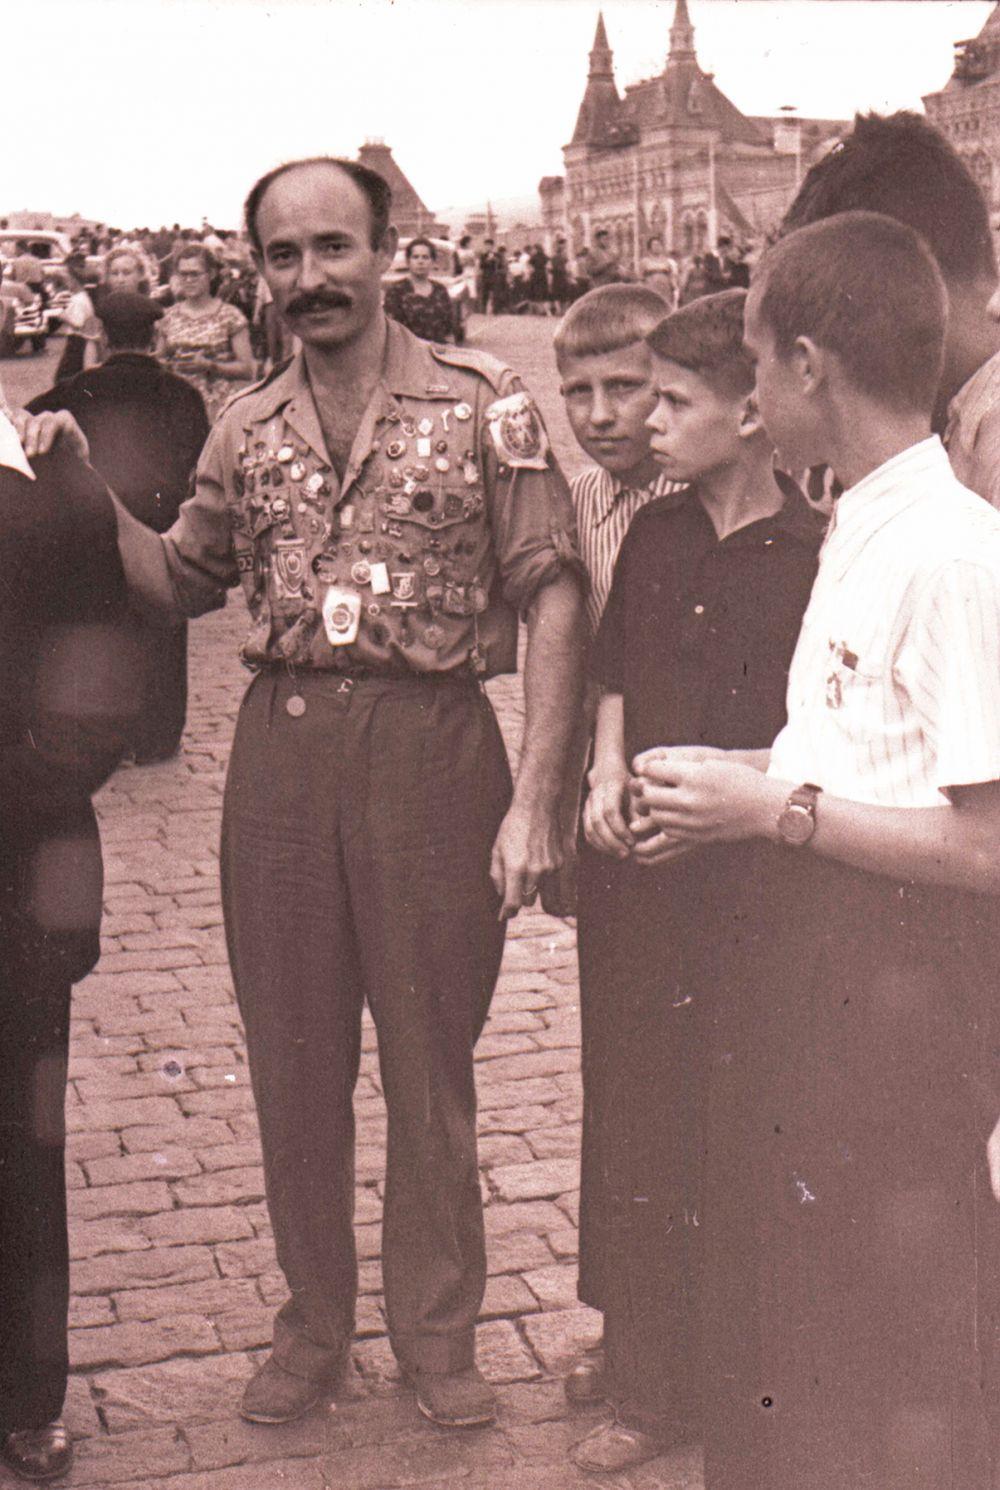 1957 год. Один из делегатов фестиваля в окружении московских мальчишек.